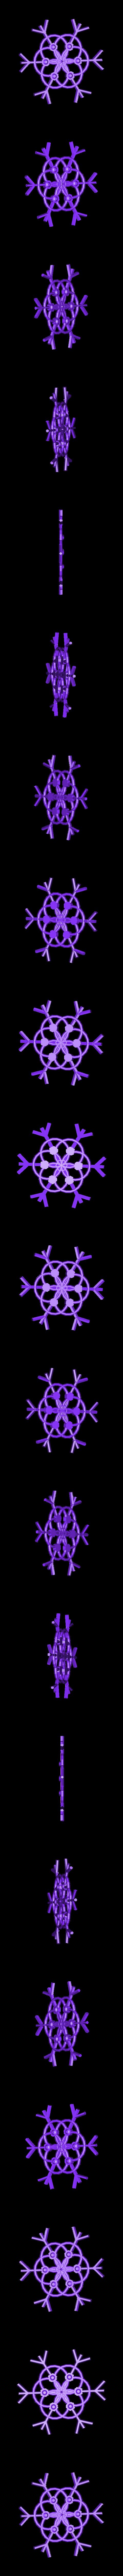 Snowflake_Diamonds.stl Download free STL file Snowflake Diamonds • 3D print design, DasMia